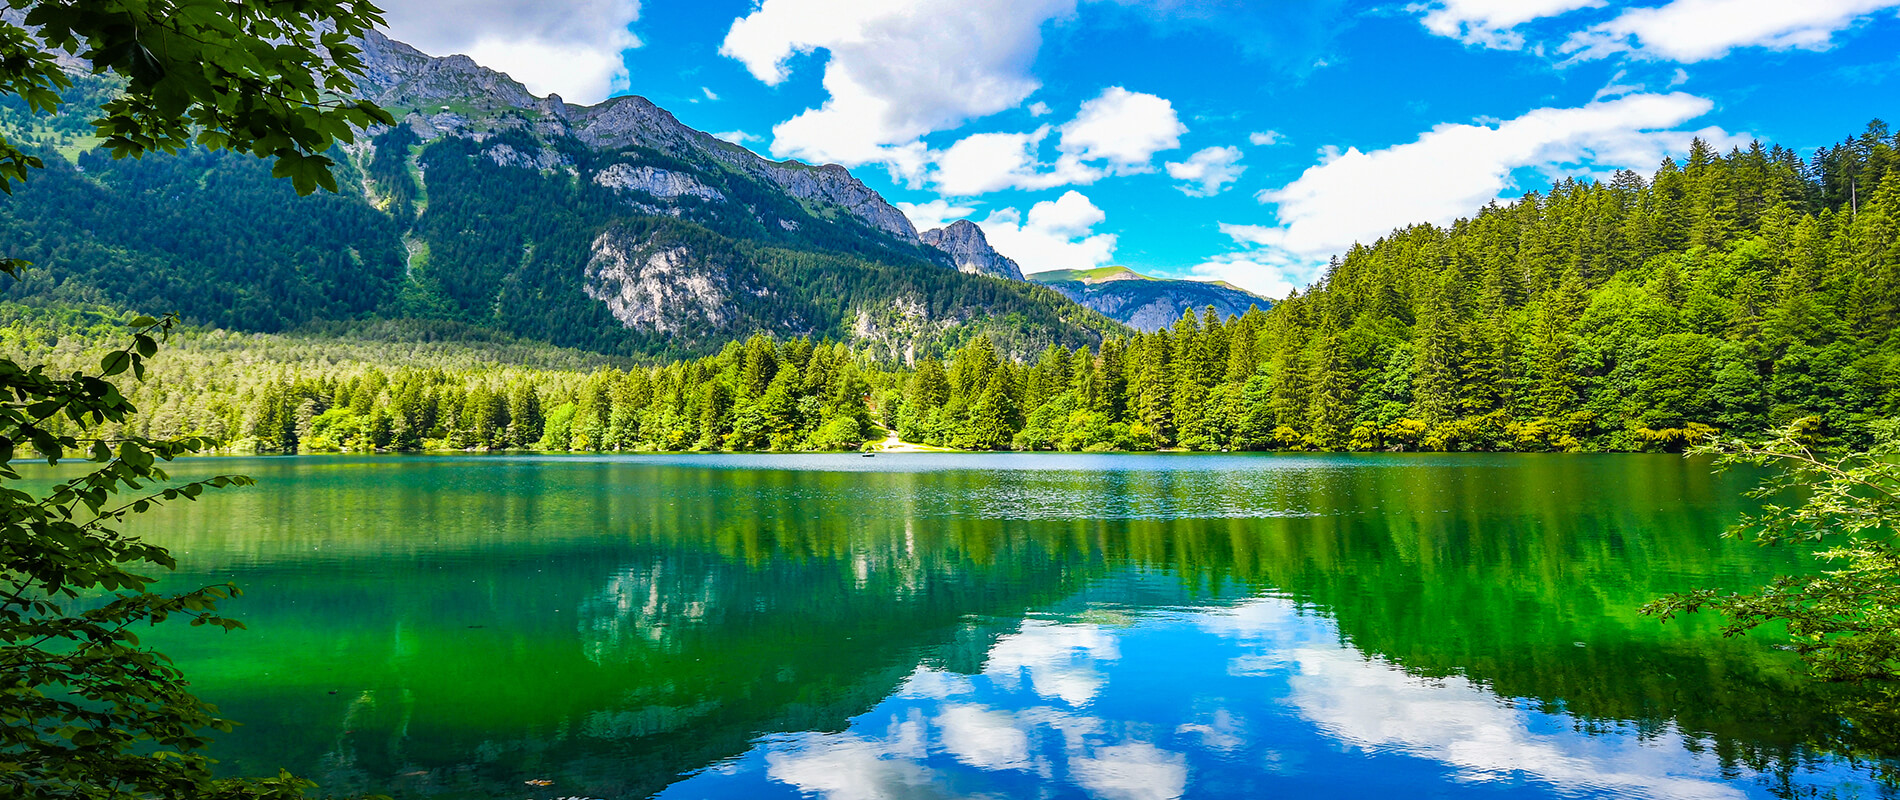 Il Lago di Tovel, gioiello naturalistico del Trentino